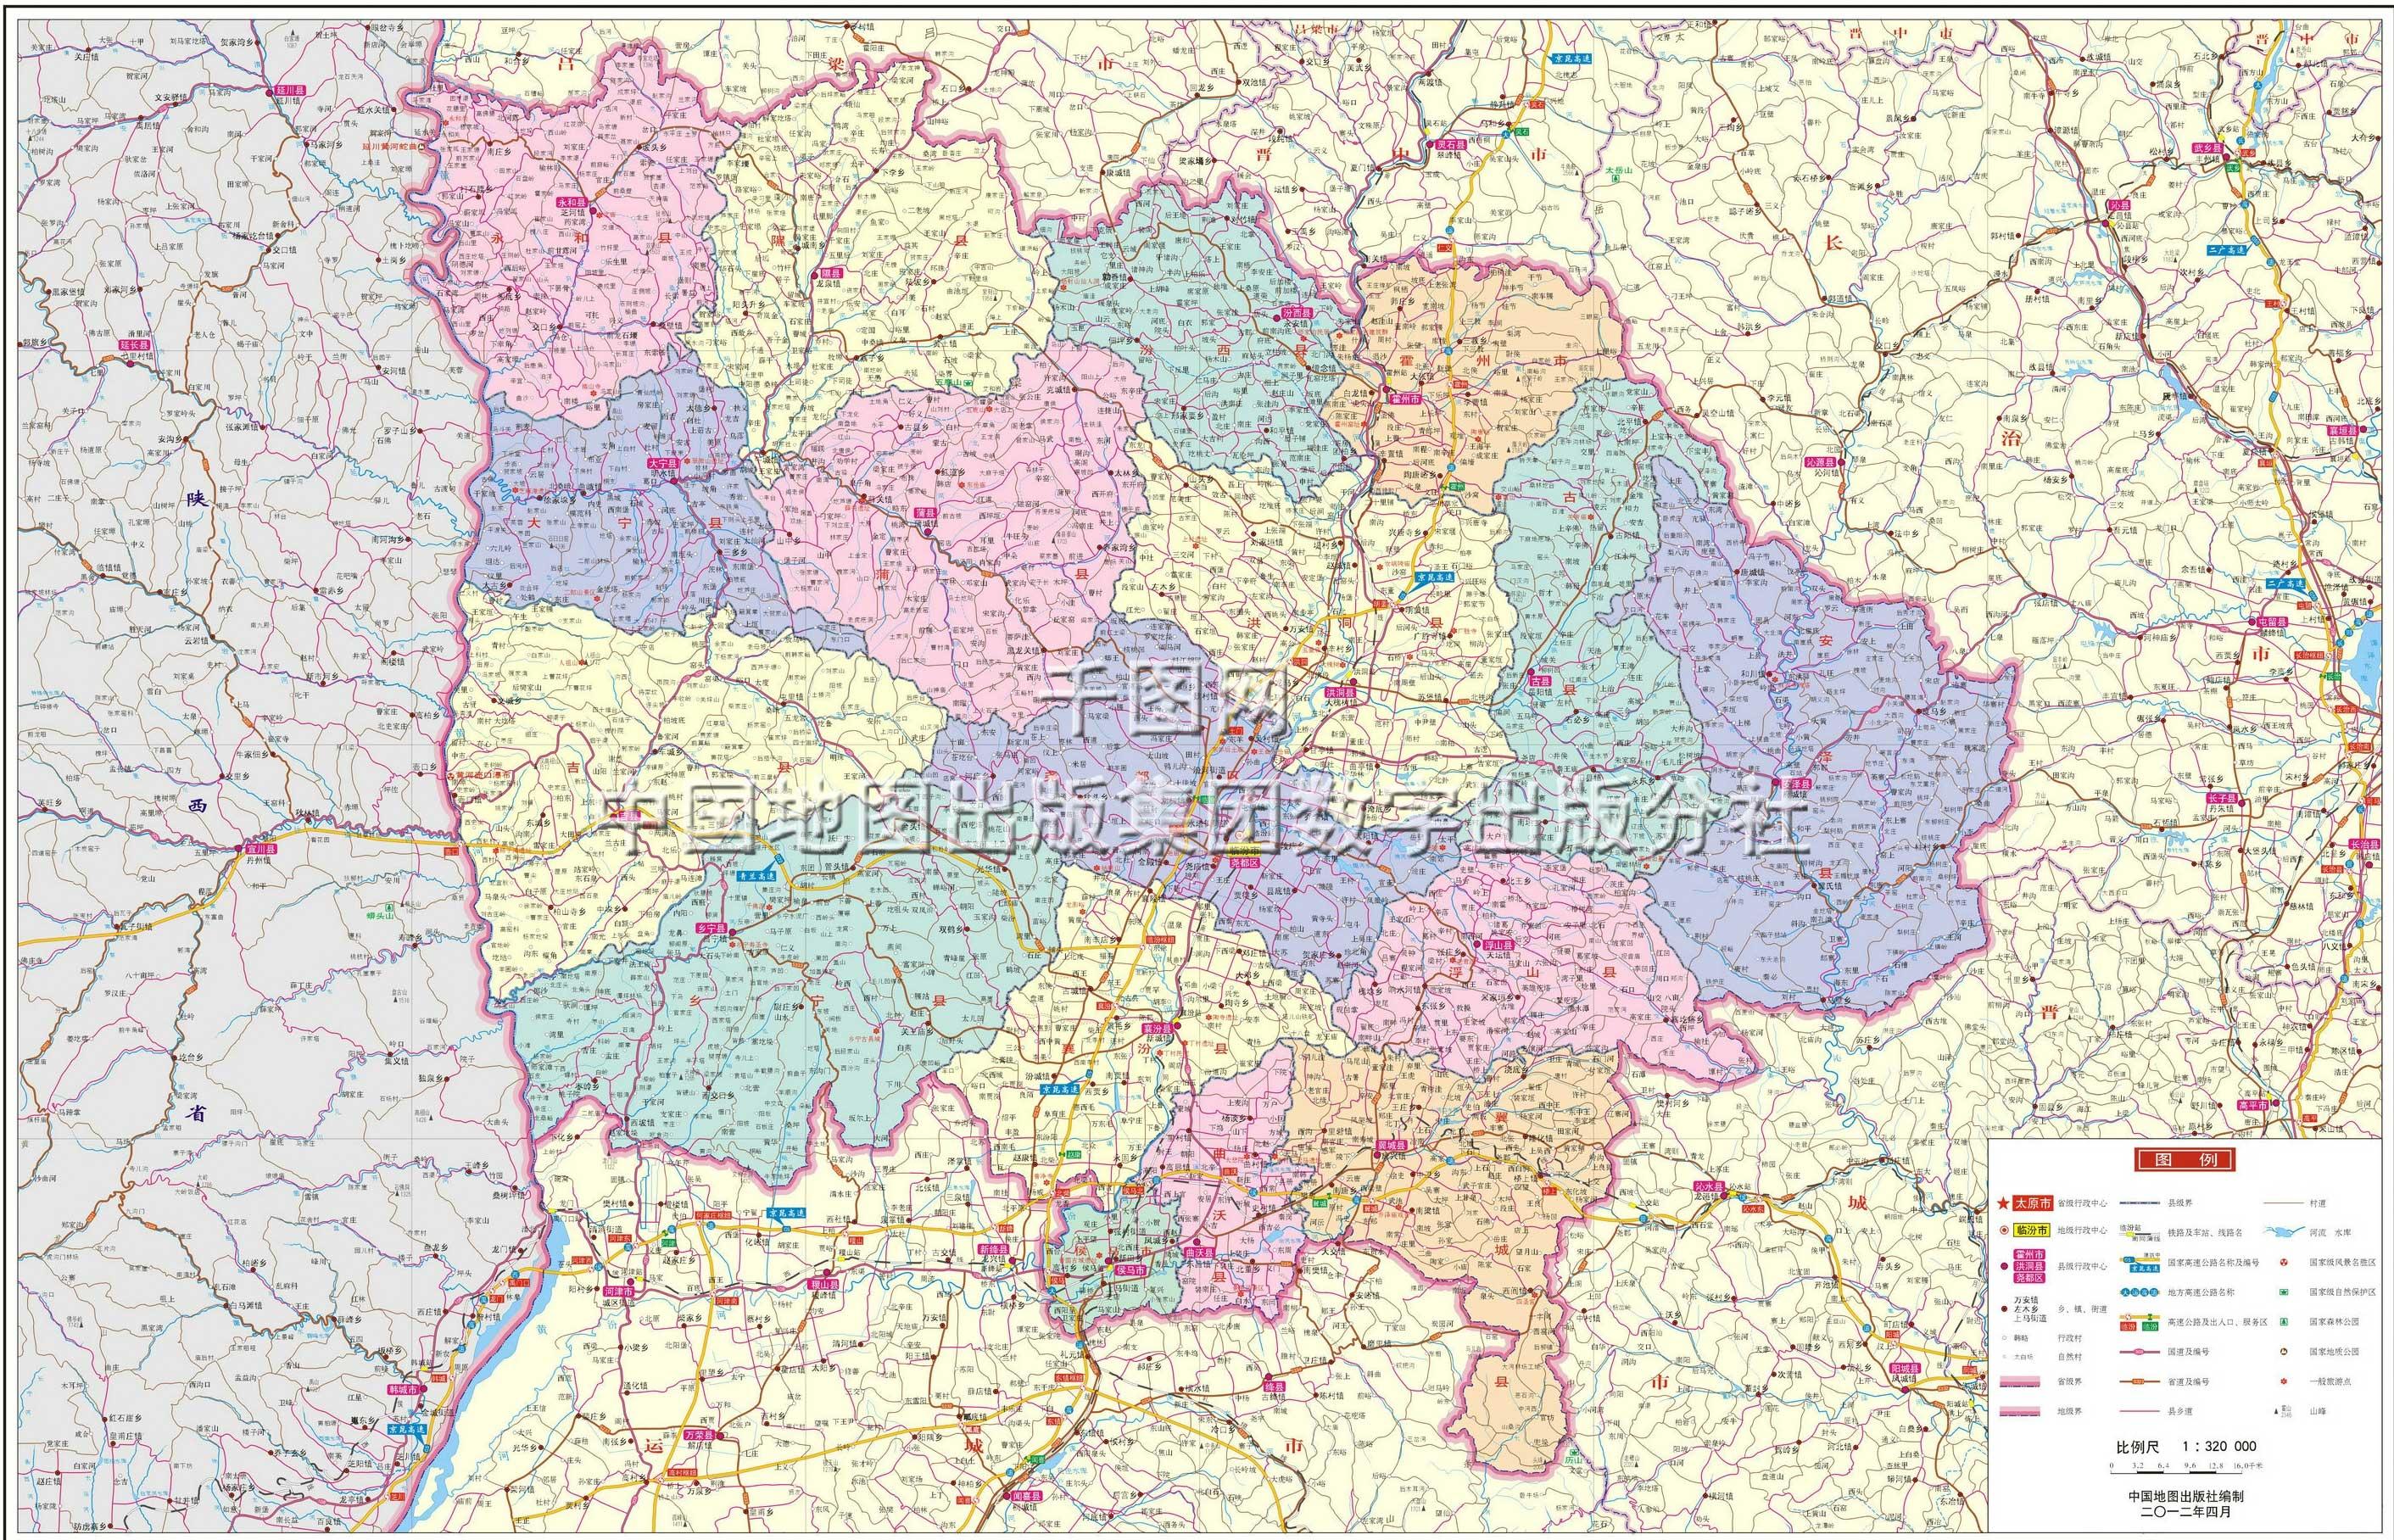 临汾市地图高清版